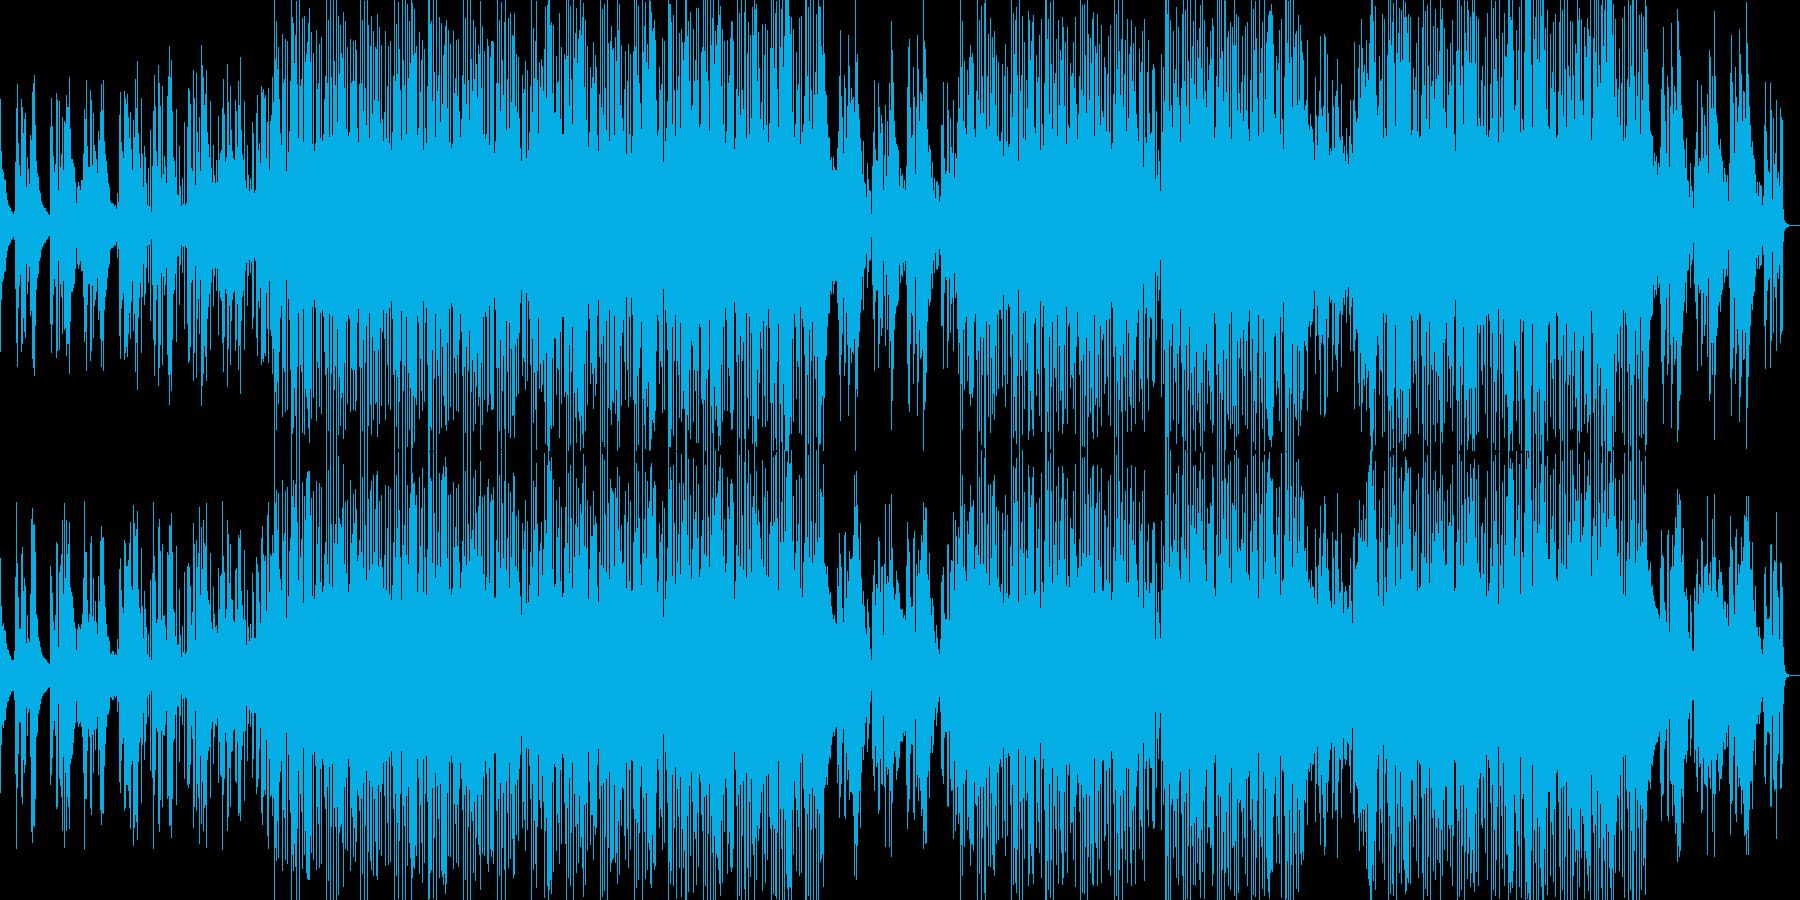 疾走感のビートとベース、マイナージャズ調の再生済みの波形